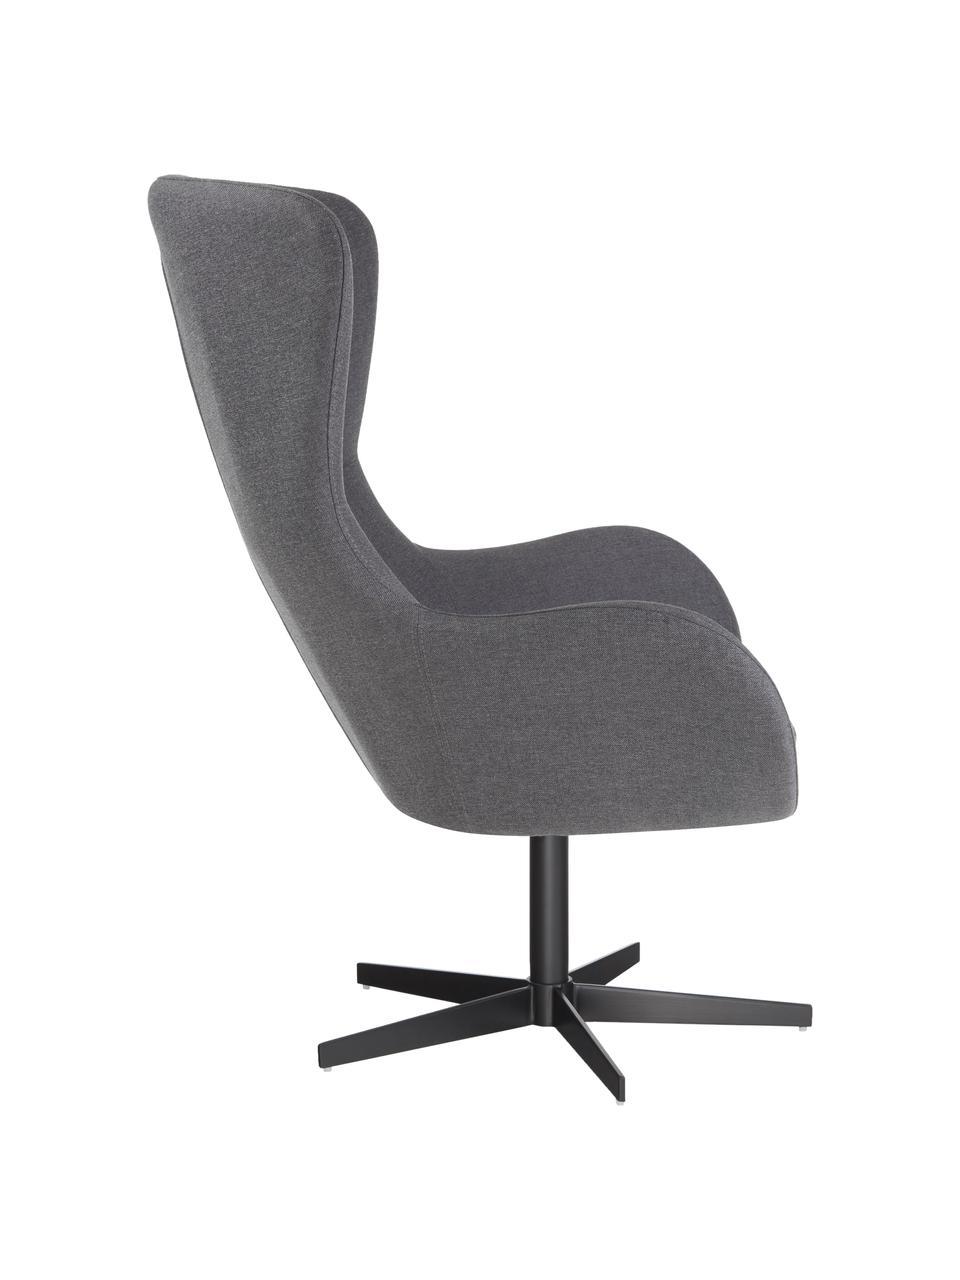 Fauteuil Wing in grijs, draaibaar, Bekleding: 93% polyester, 5% katoen,, Poten: gepoedercoat metaal, Grijs, 76 x 77 cm